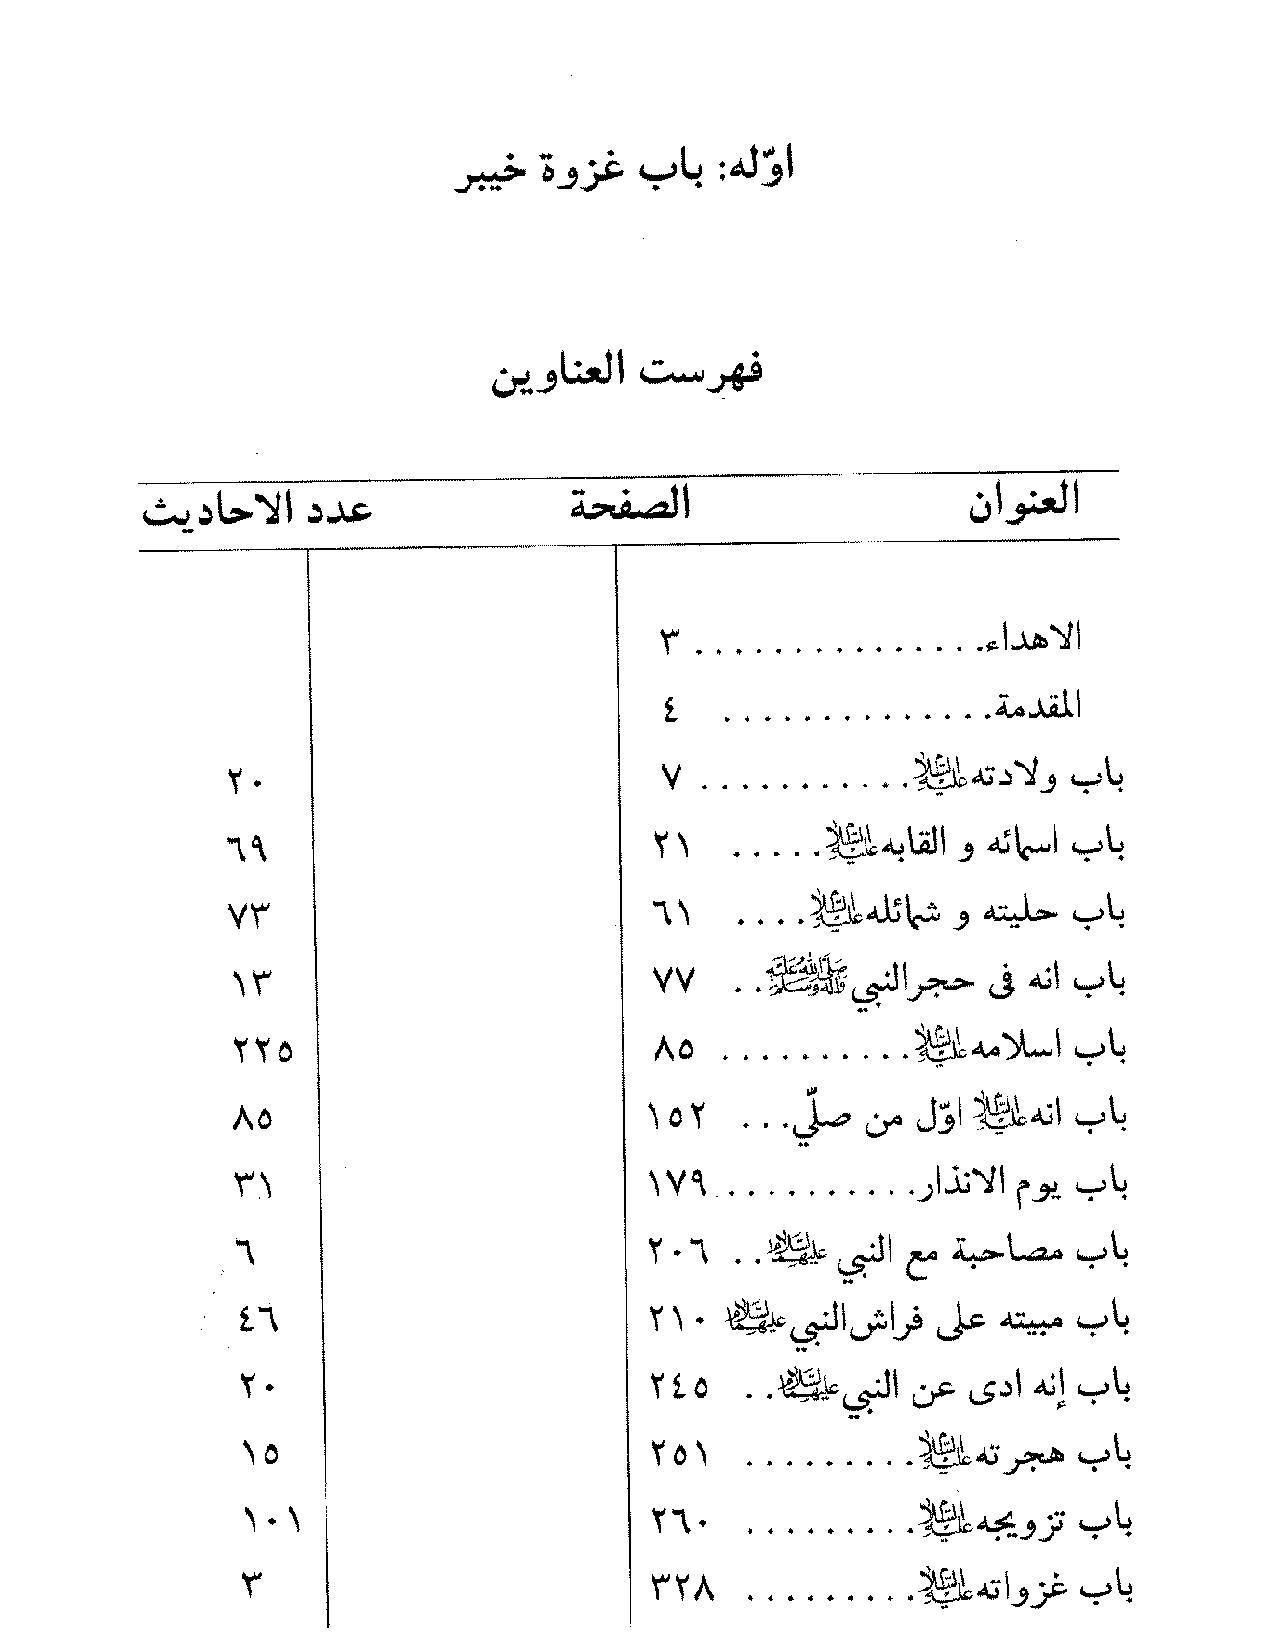 مسند الإمام أمير المؤمنين أبي الحسن1